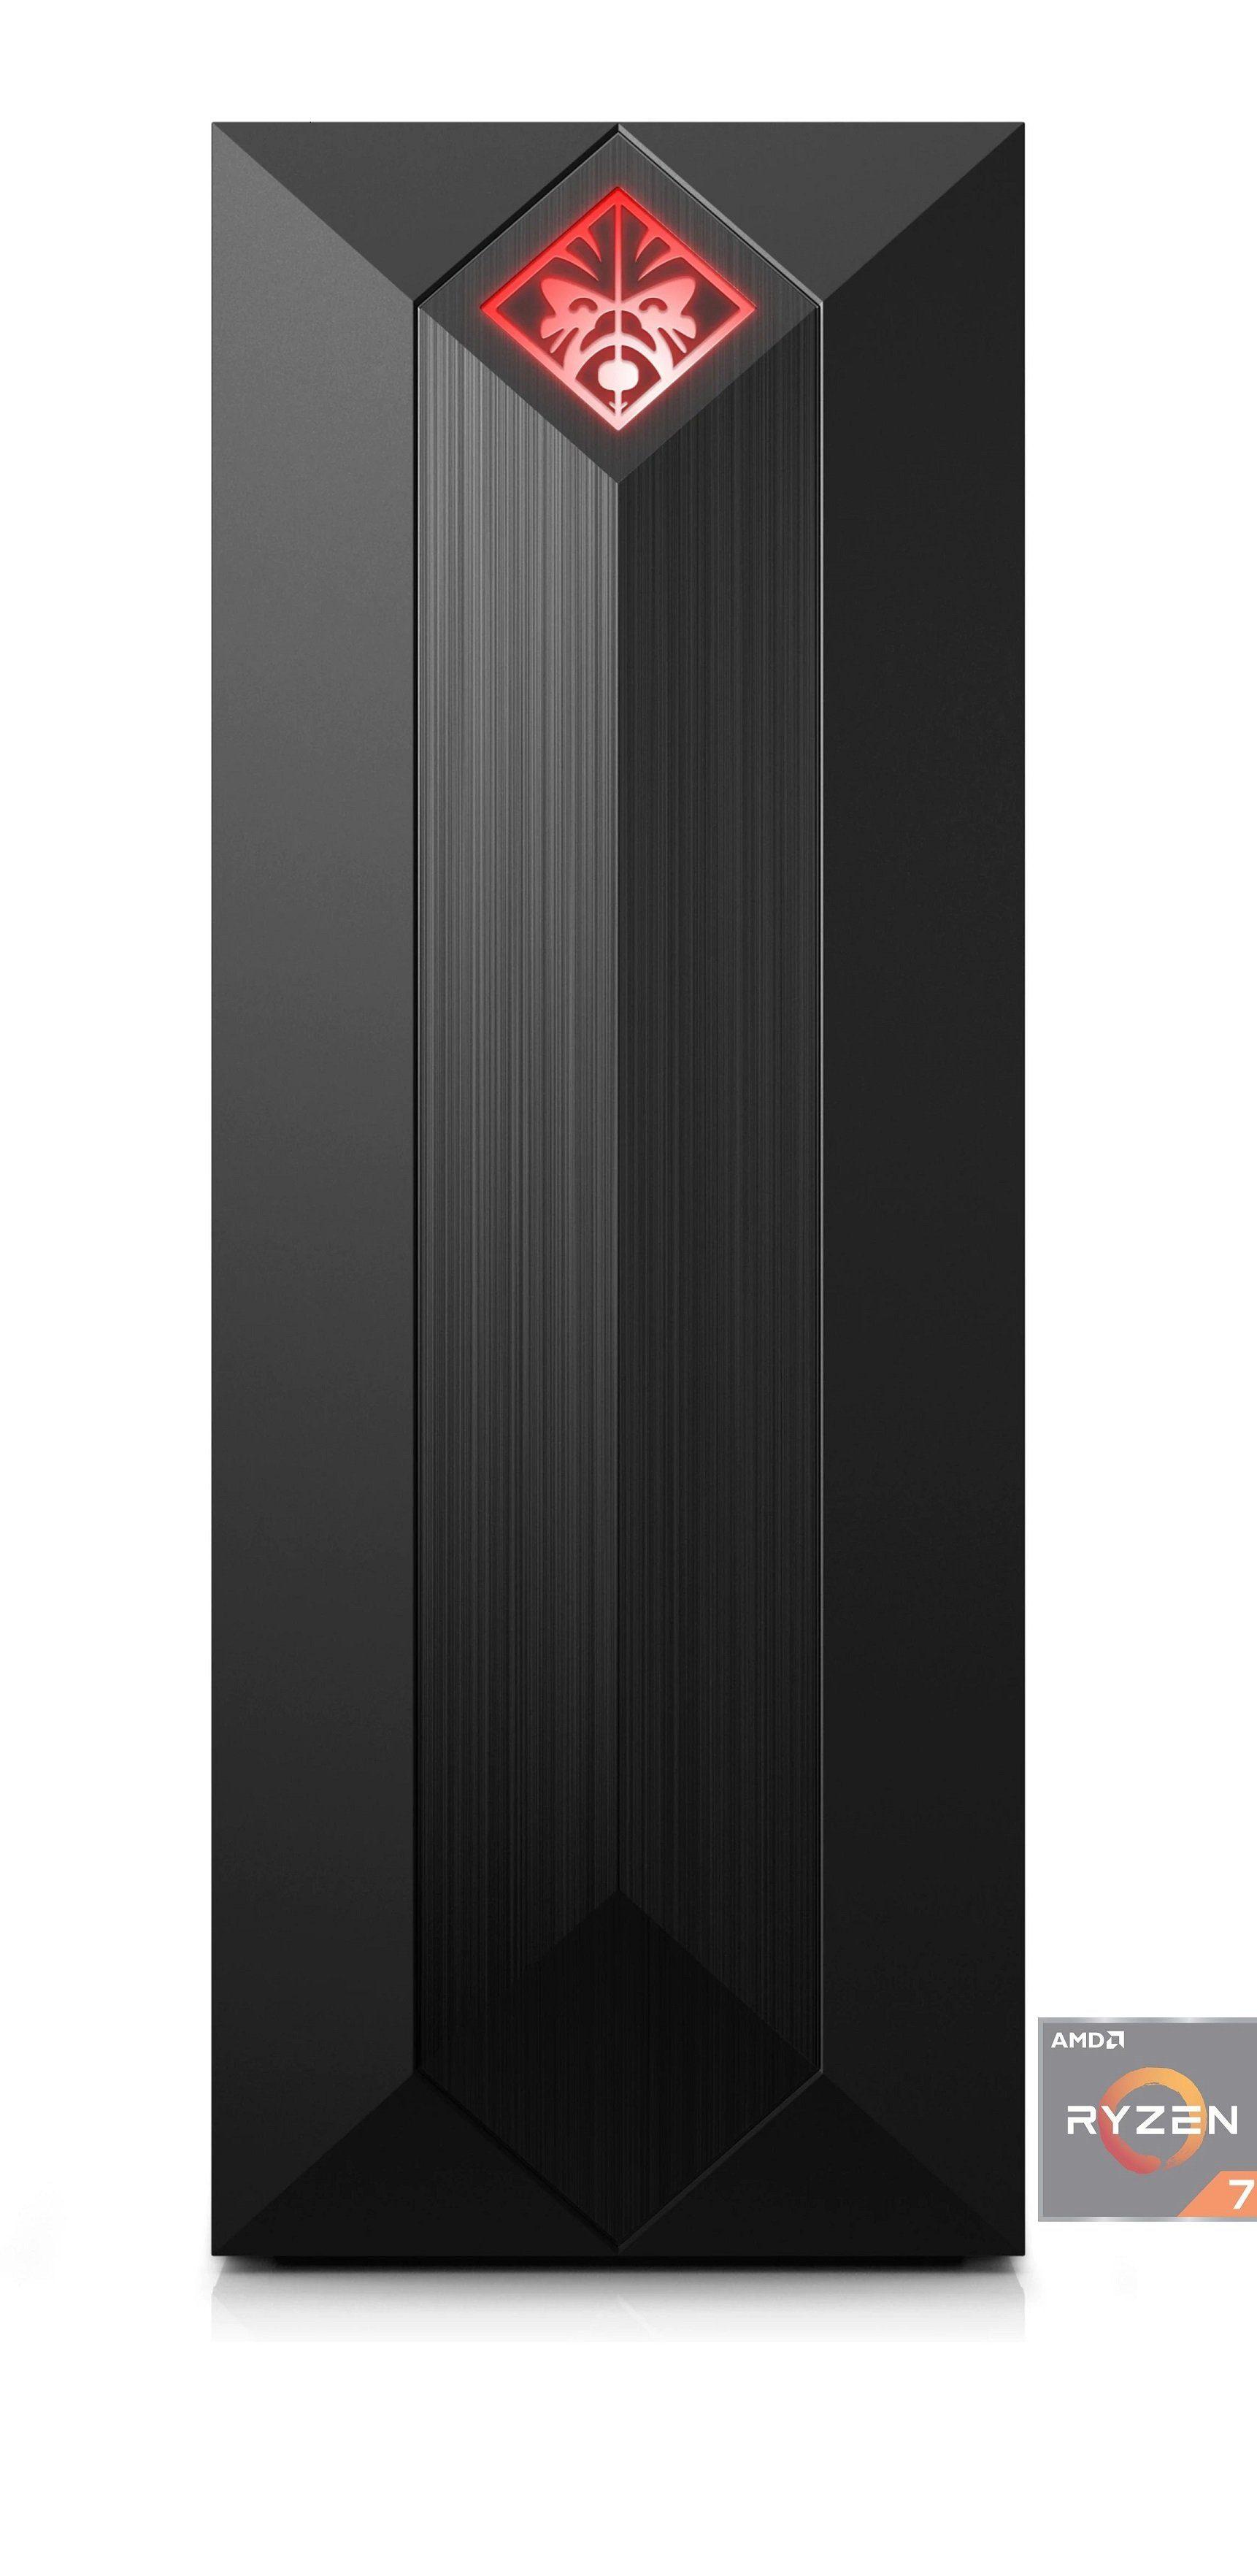 Omen by HP Obelisk Desktop 875-0032ng »AMD Ryzen 7, 256 GB + 1 TB, 16 GB«